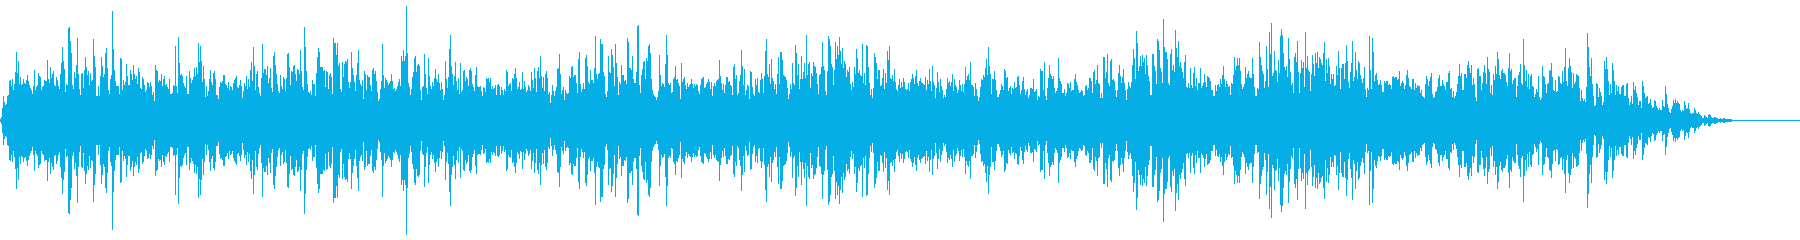 背景音 ホラー 13の再生済みの波形